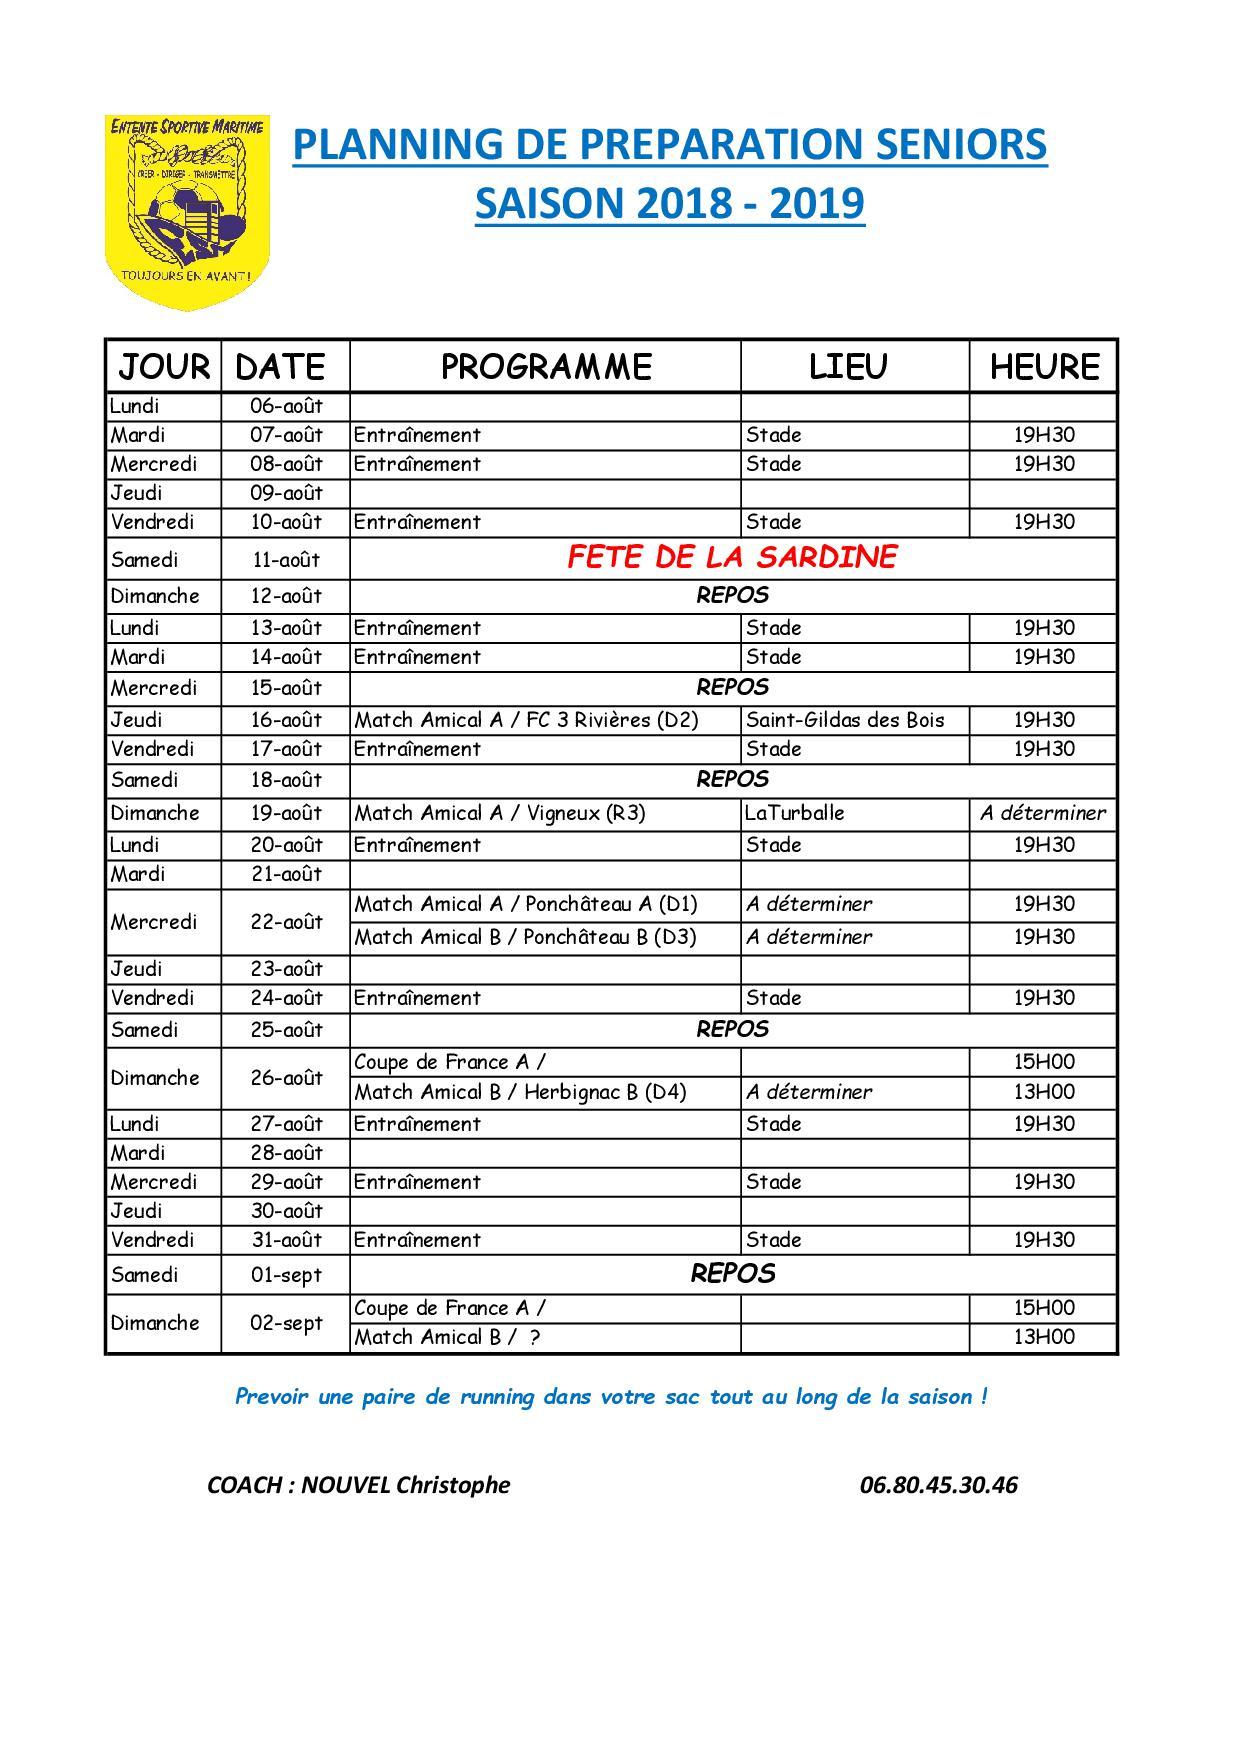 Planning Préparation Séniors Saison 2018-2019.jpg